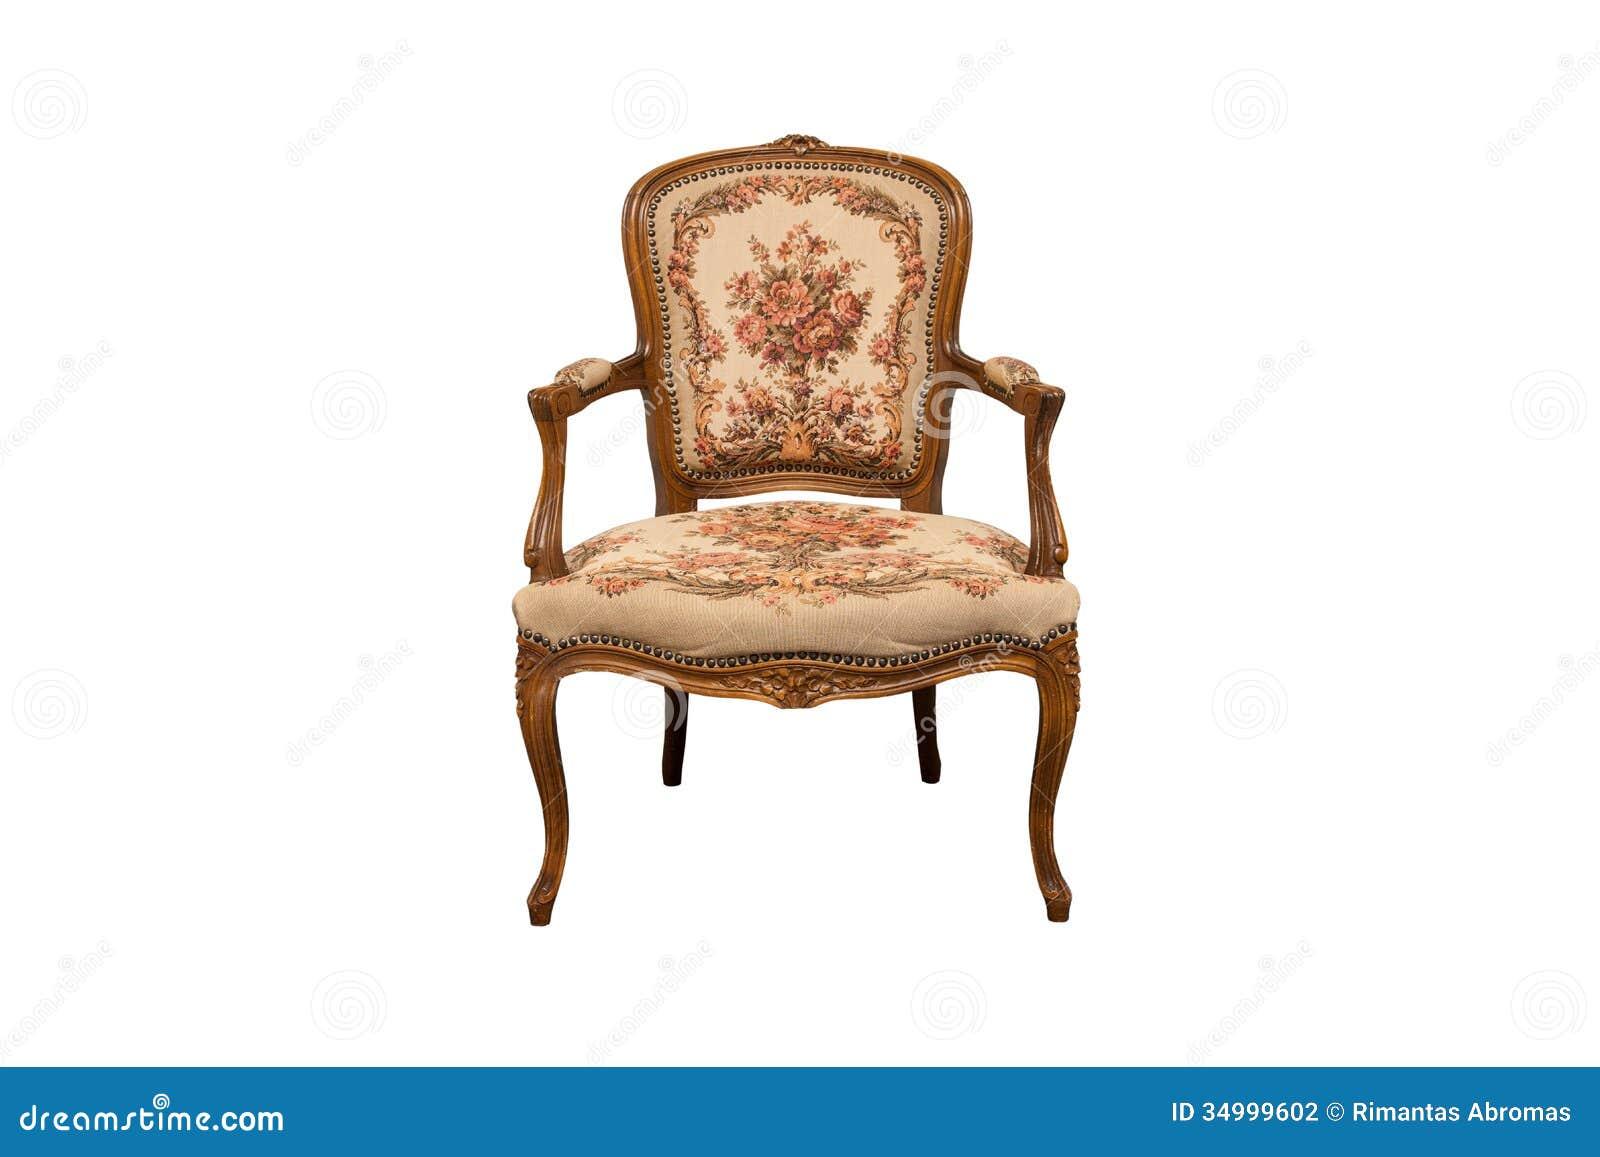 Silla antigua foto de archivo. Imagen de roble, muebles - 34999602